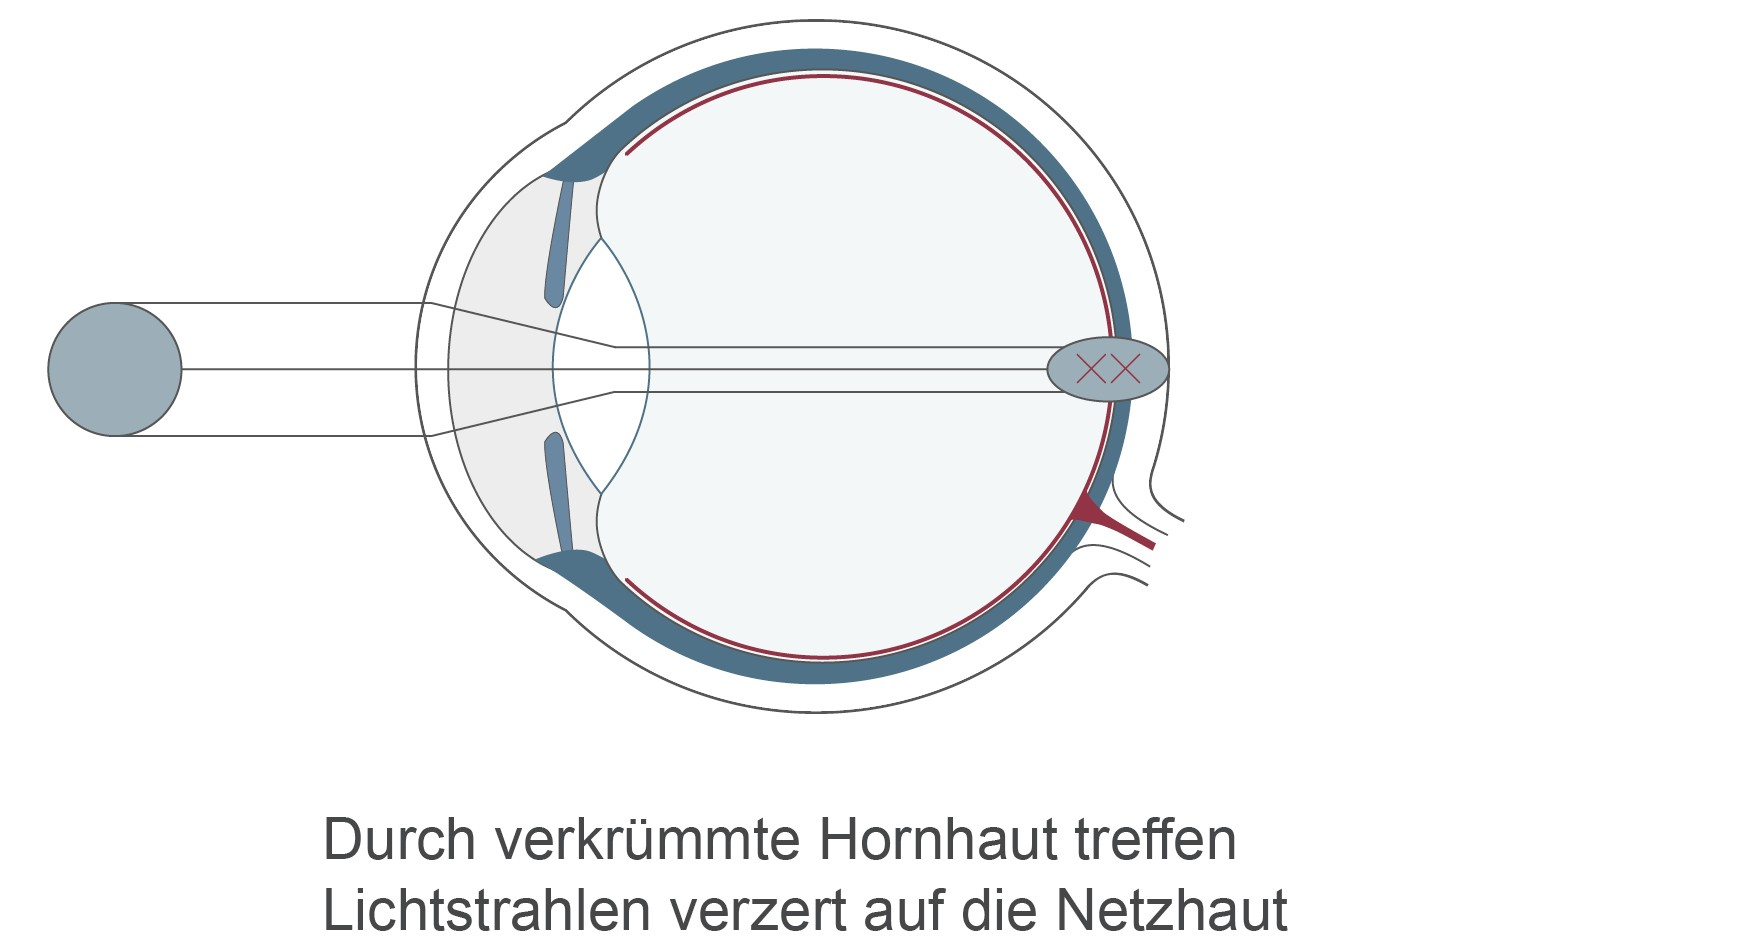 Hornhautverkrümmung: Unterschiedlich starke Wölbungen